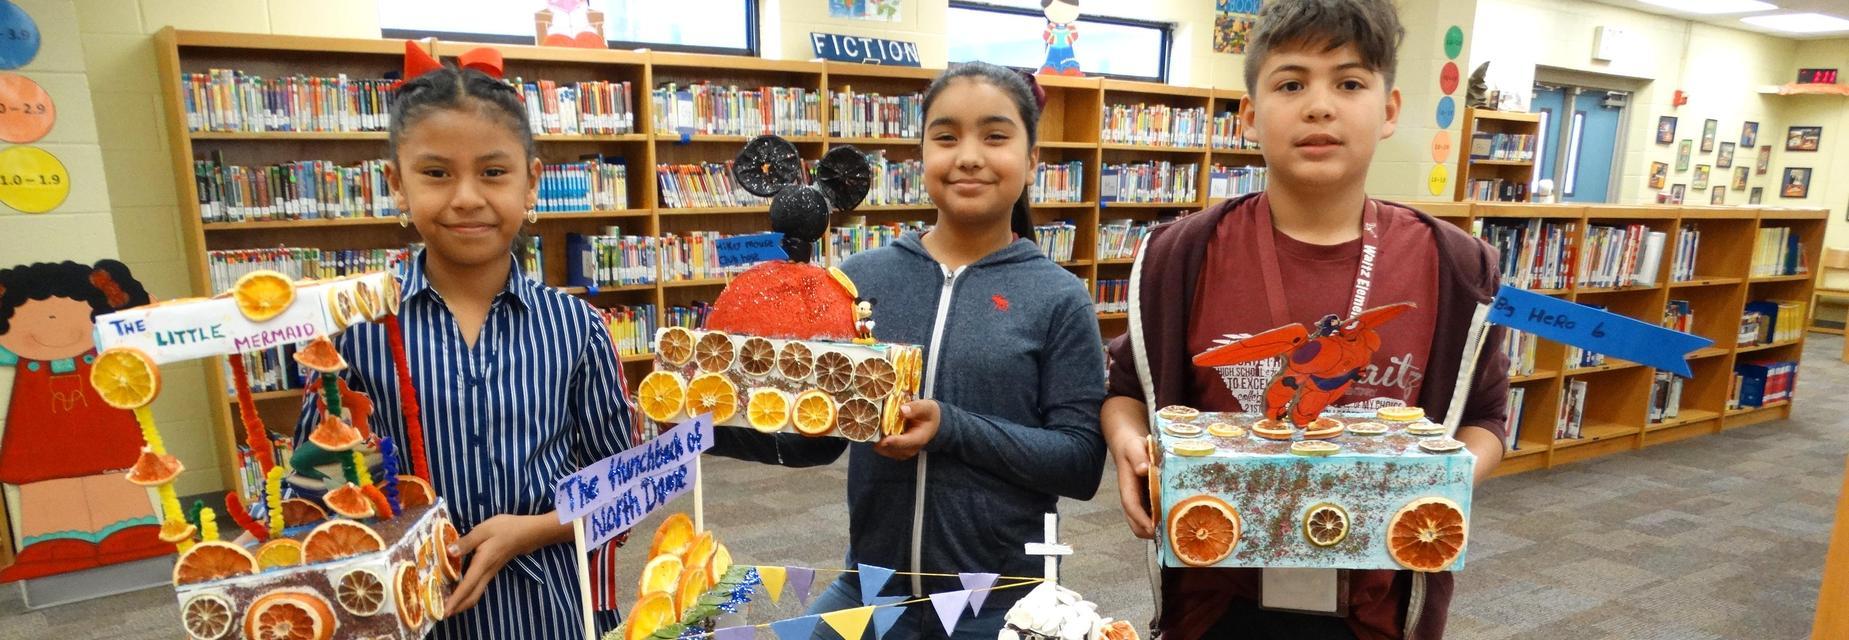 Shoebox Floats for Citrus Parade